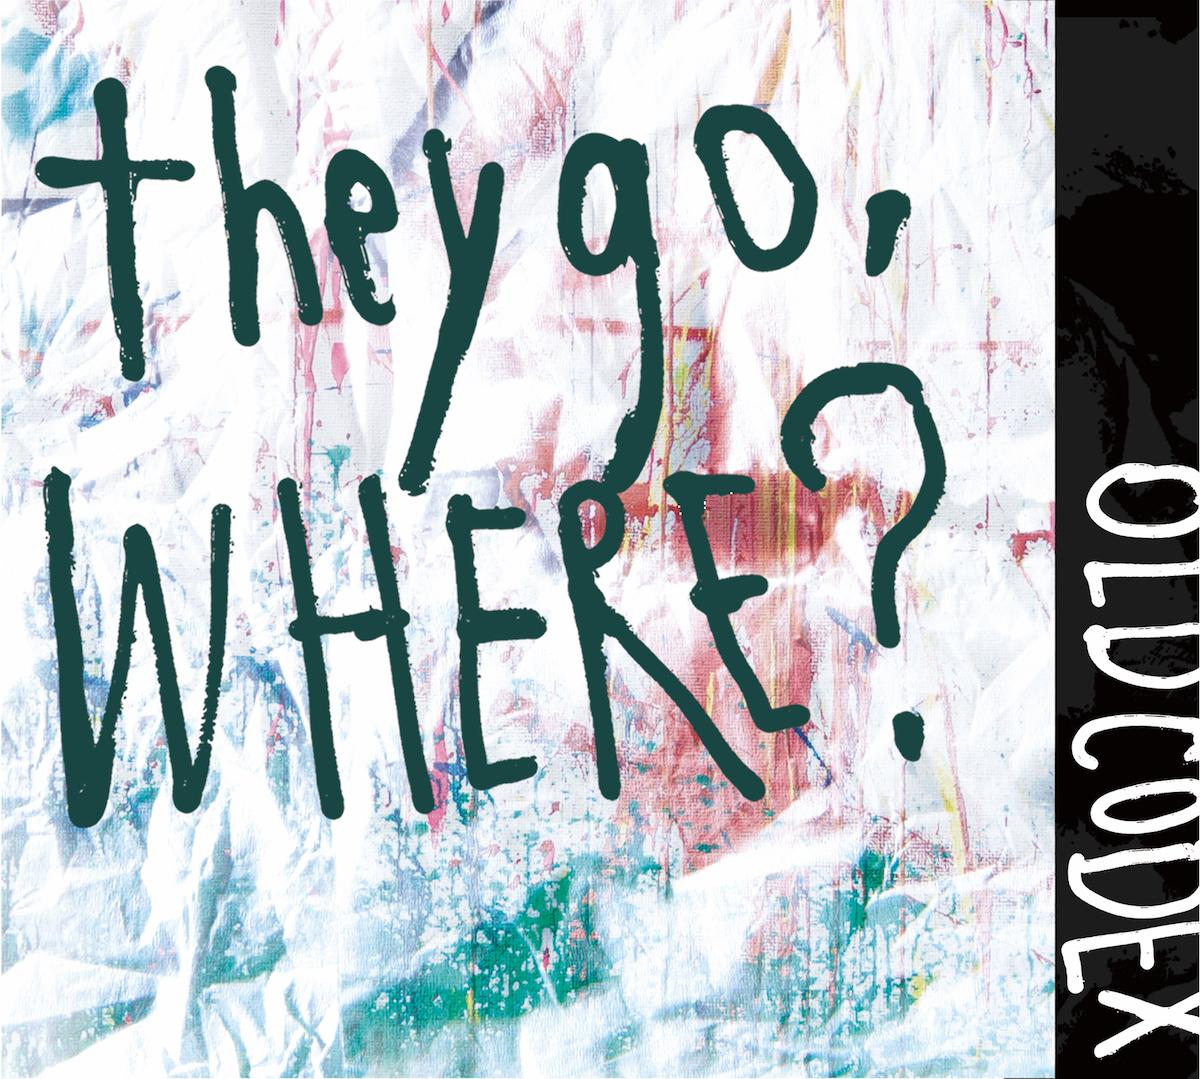 OLDCODEX 5th アルバム 初回盤